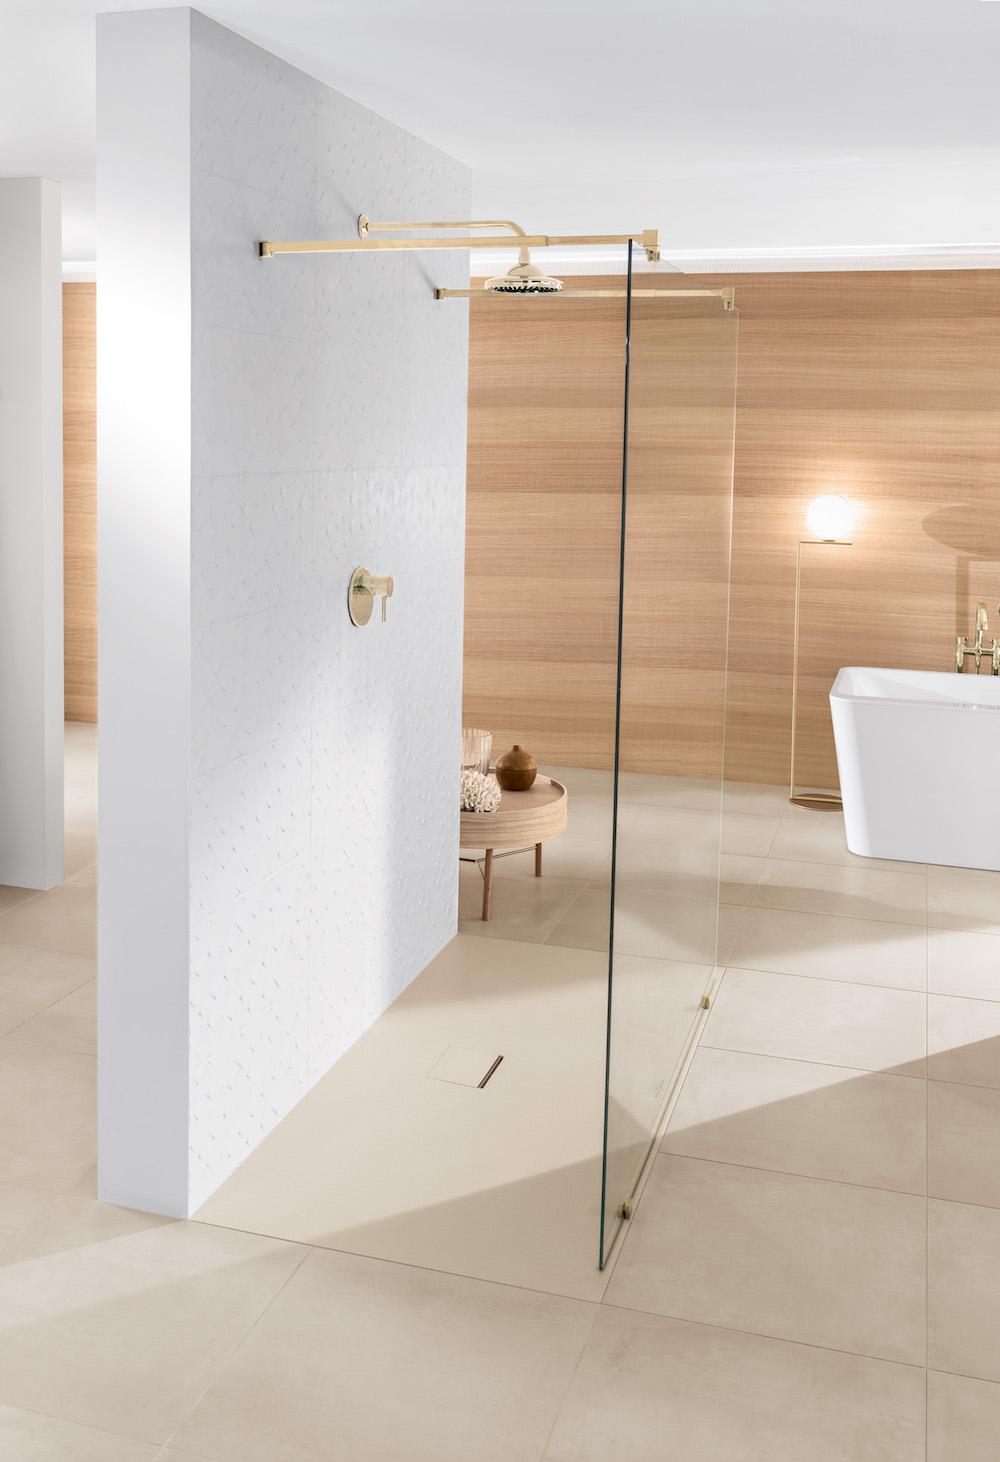 Inloopdouche met douchevloer Squaro Infinity van Villeroy & Boch. Door materiaal Quaryl kan deze douchevloer zich aan vrijwel elke ruimtelijke situatie aanpassen. #badkamer #douche